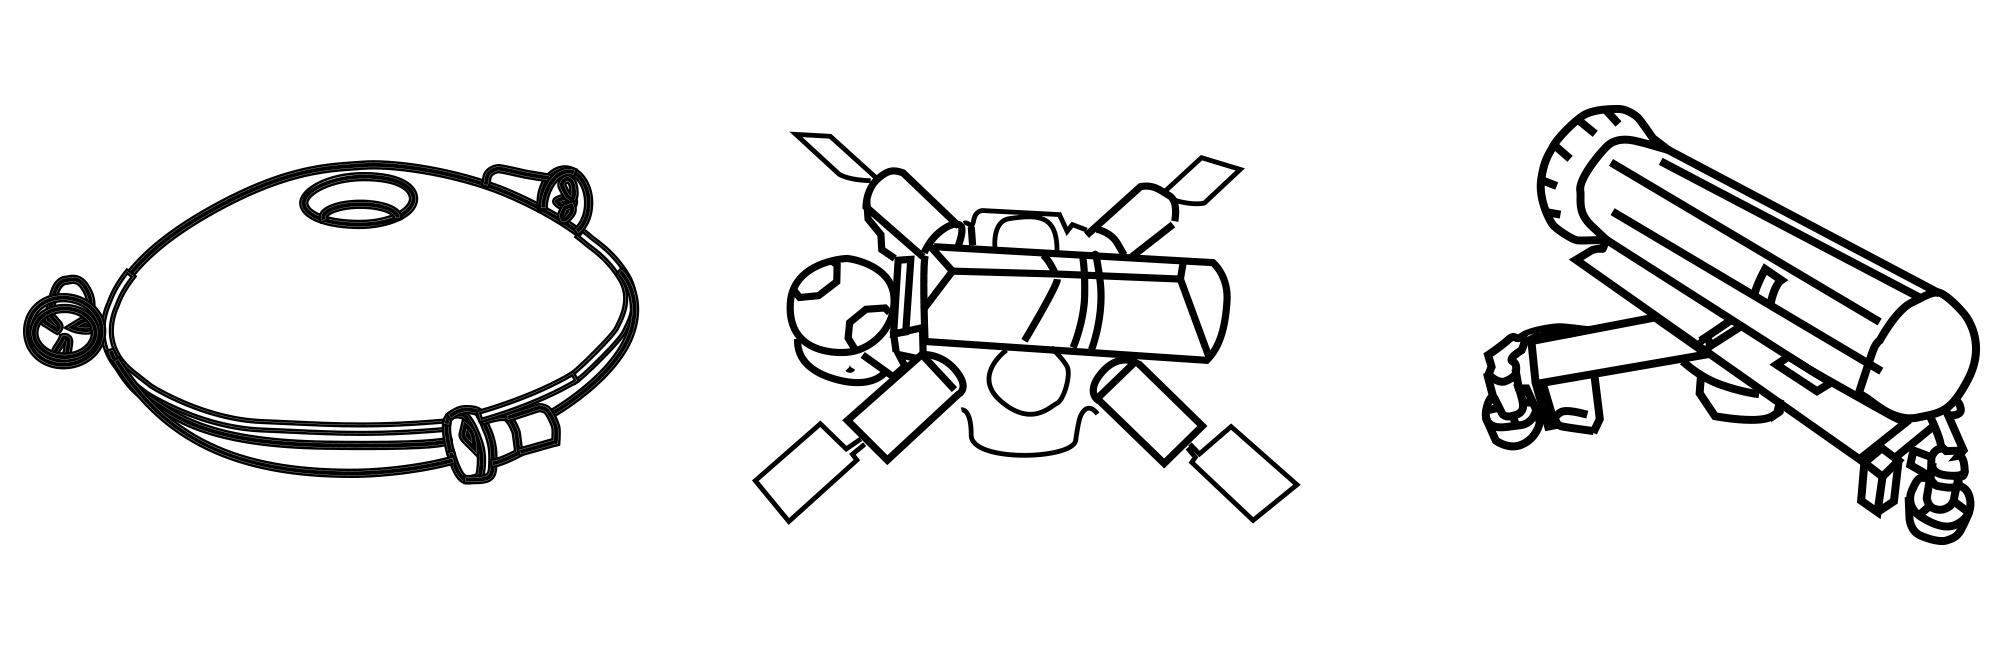 3robots-black